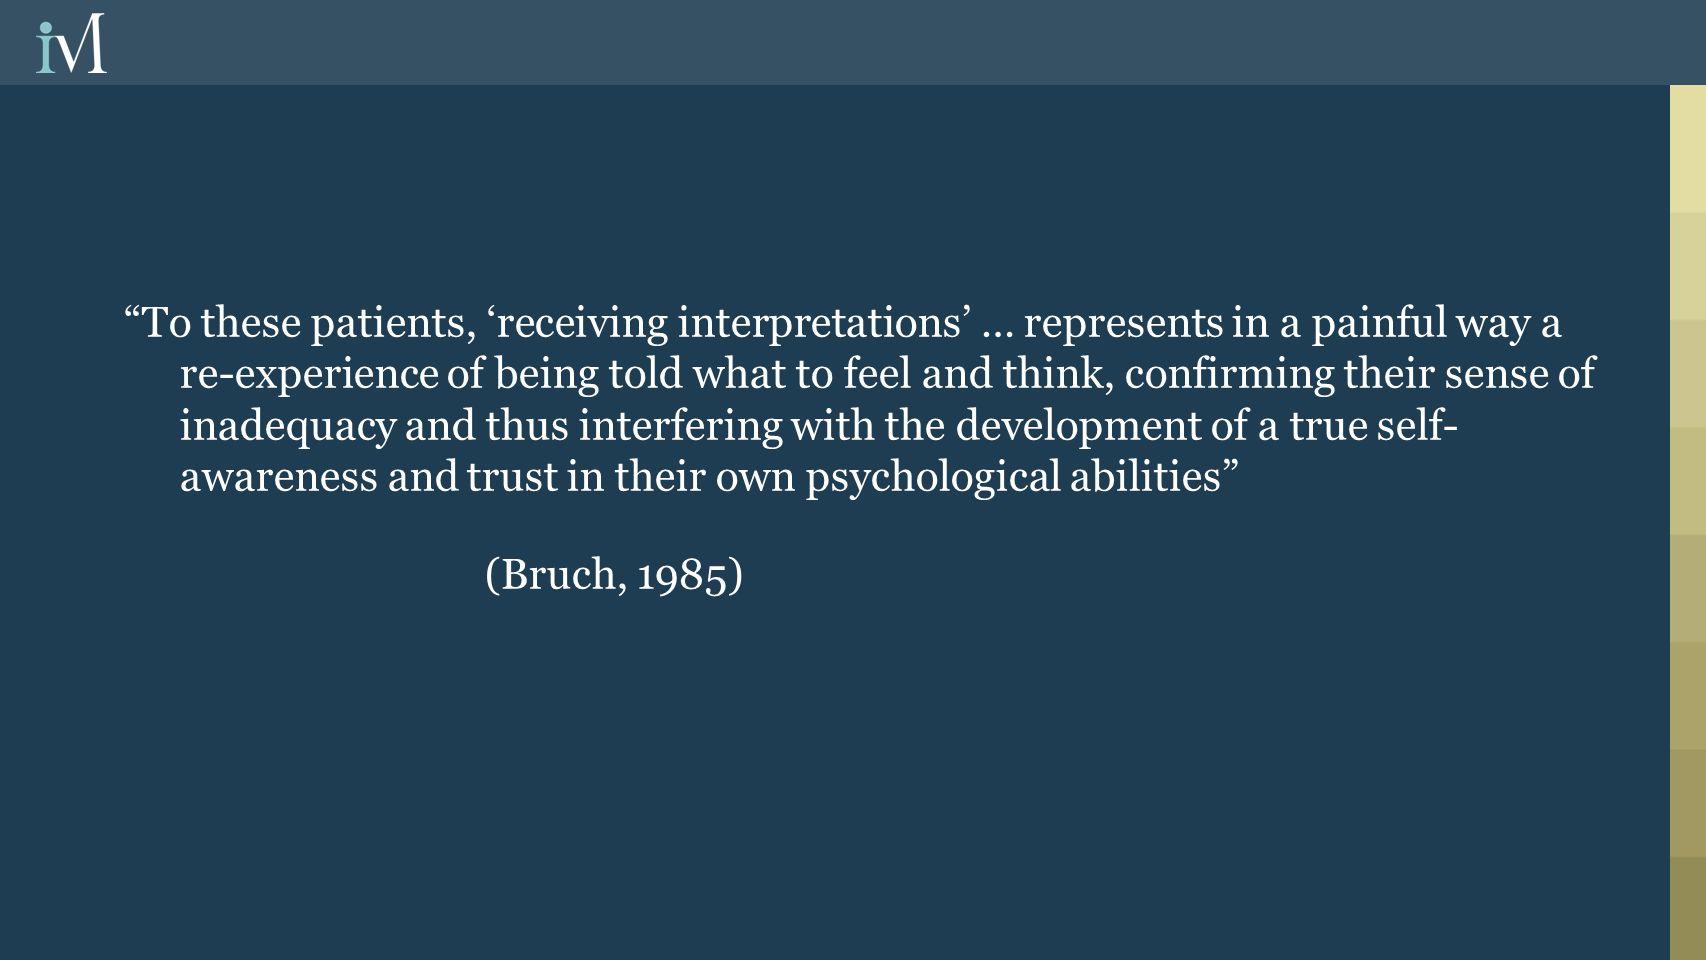 Dårlig mentaliseringsevne: 4 hovedtyper  Konkret forståelse  Kontekst-spesifikk dårlig mentalisering  Pseudomentalisering  Misbruk av mentalisering